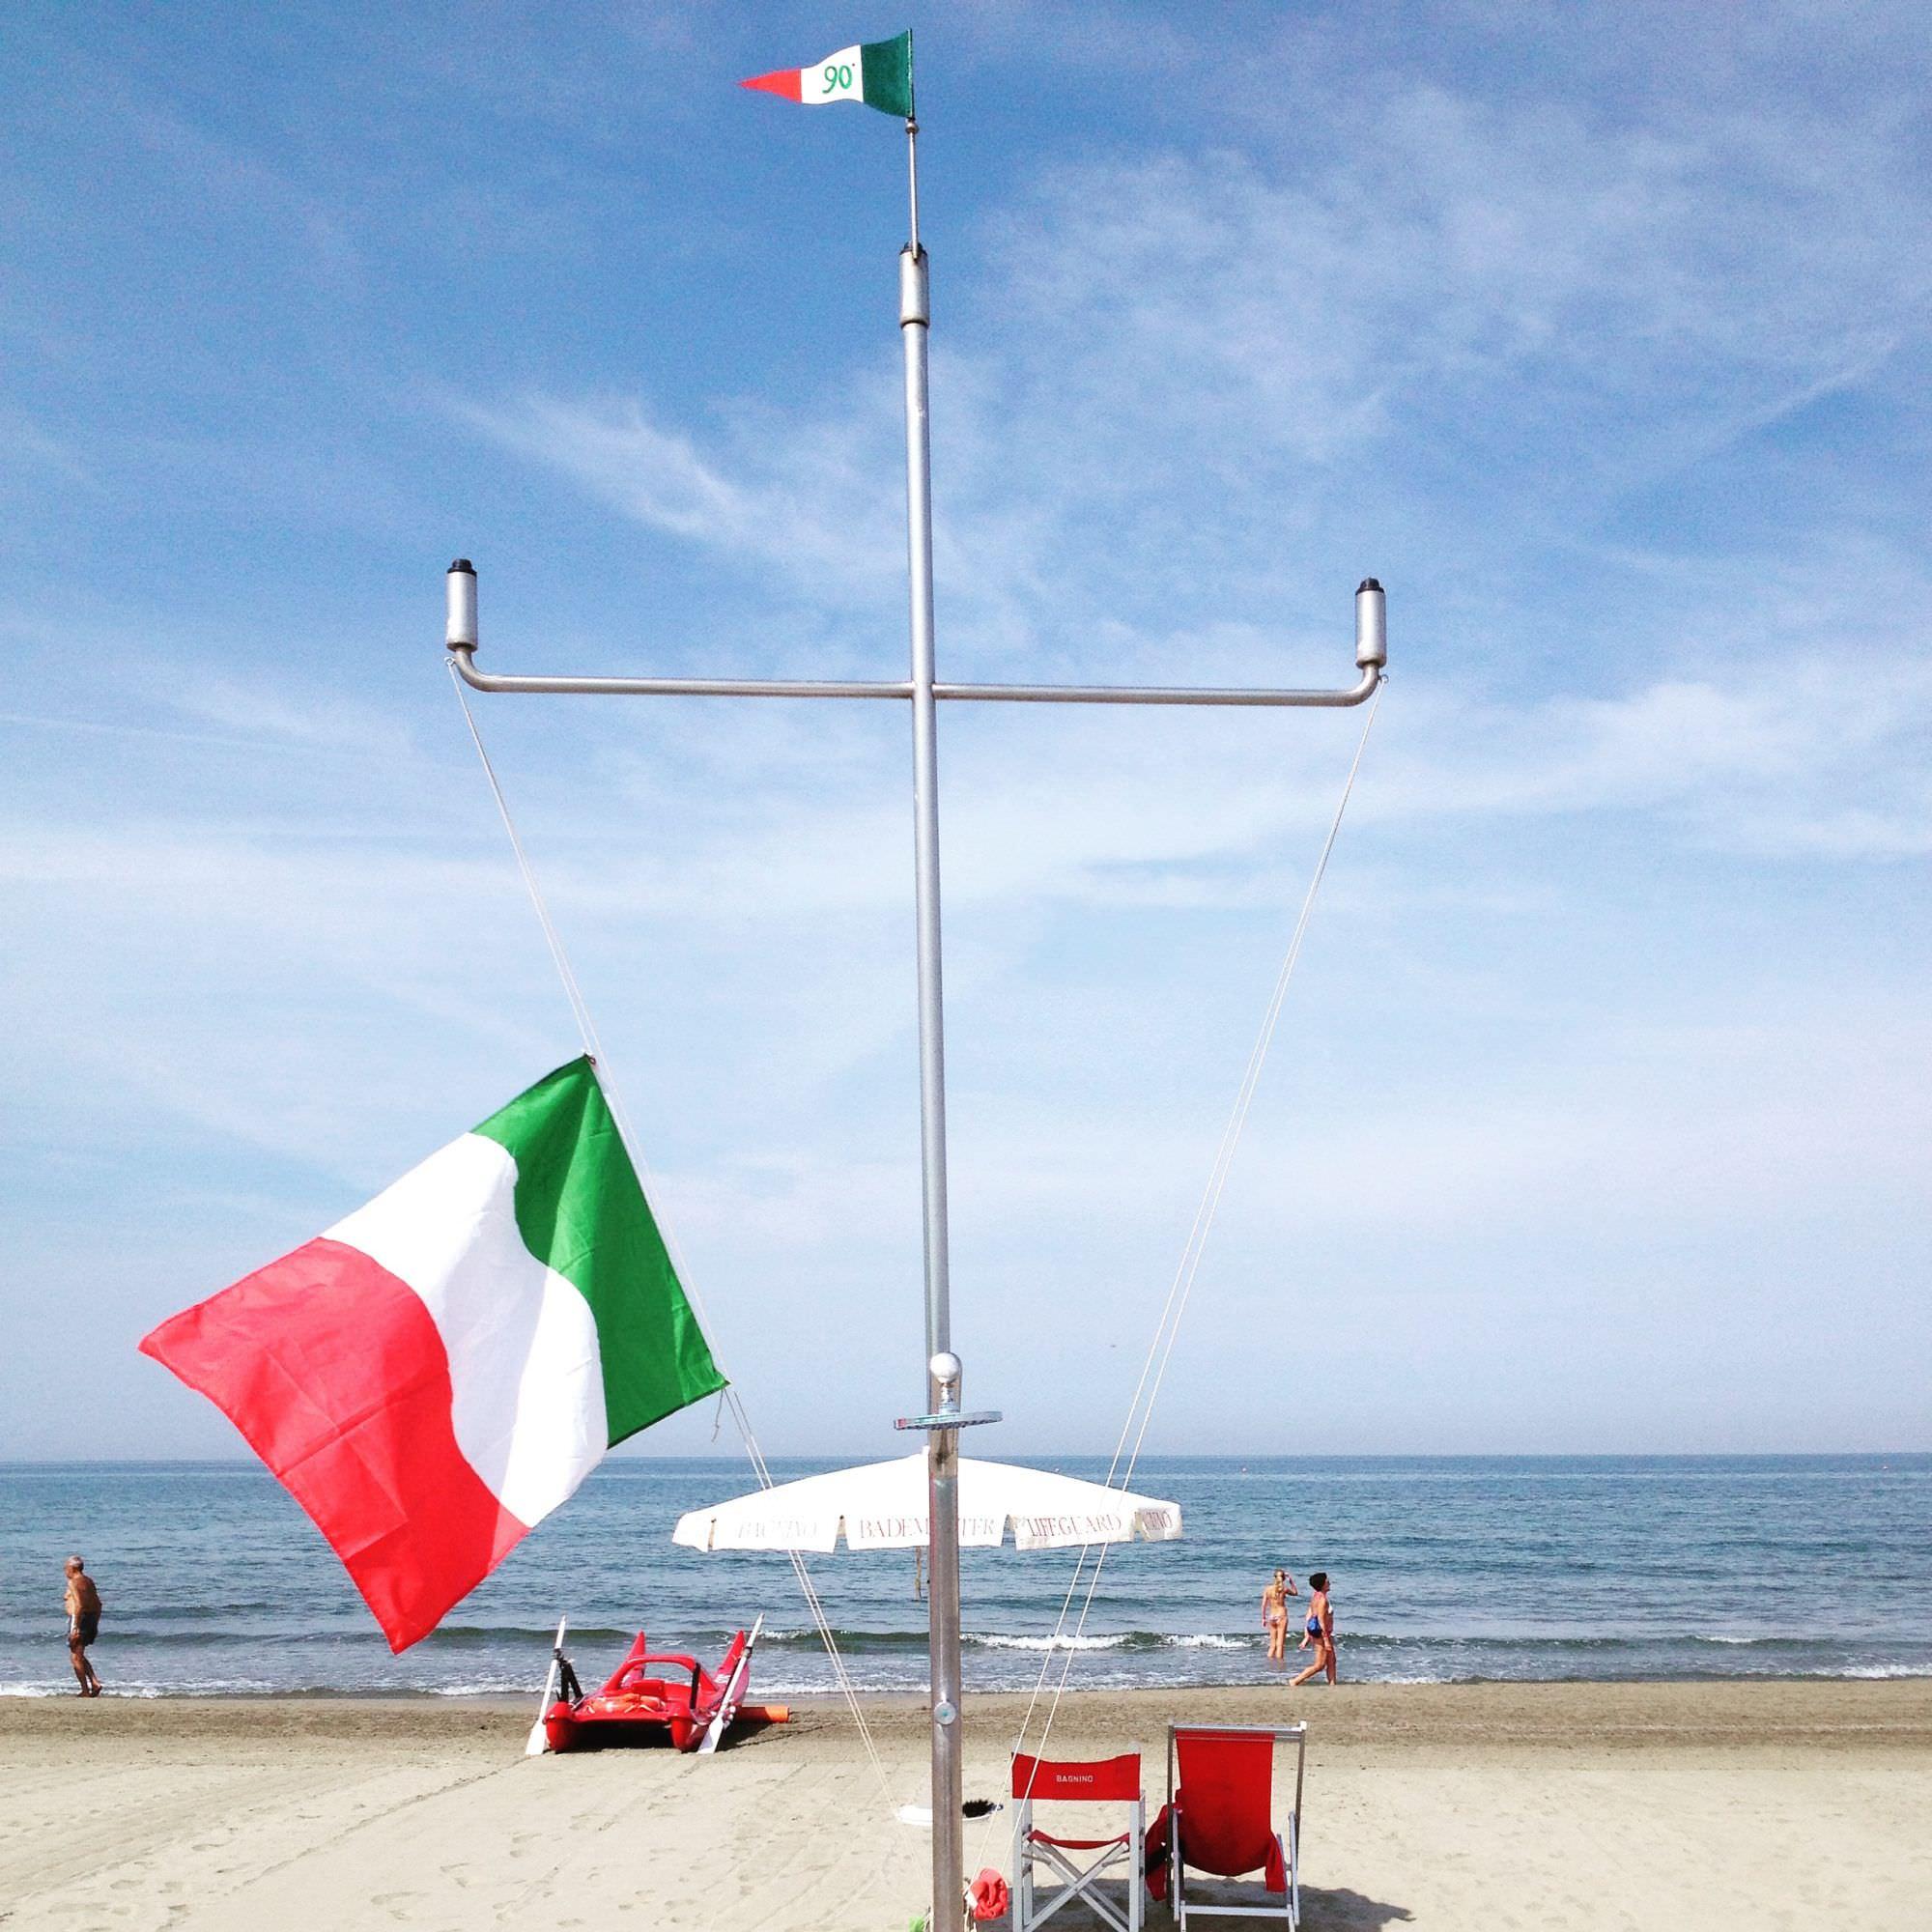 Sesto anniversario strage di Viareggio, bandiere a mezz'asta e lutto in spiaggia